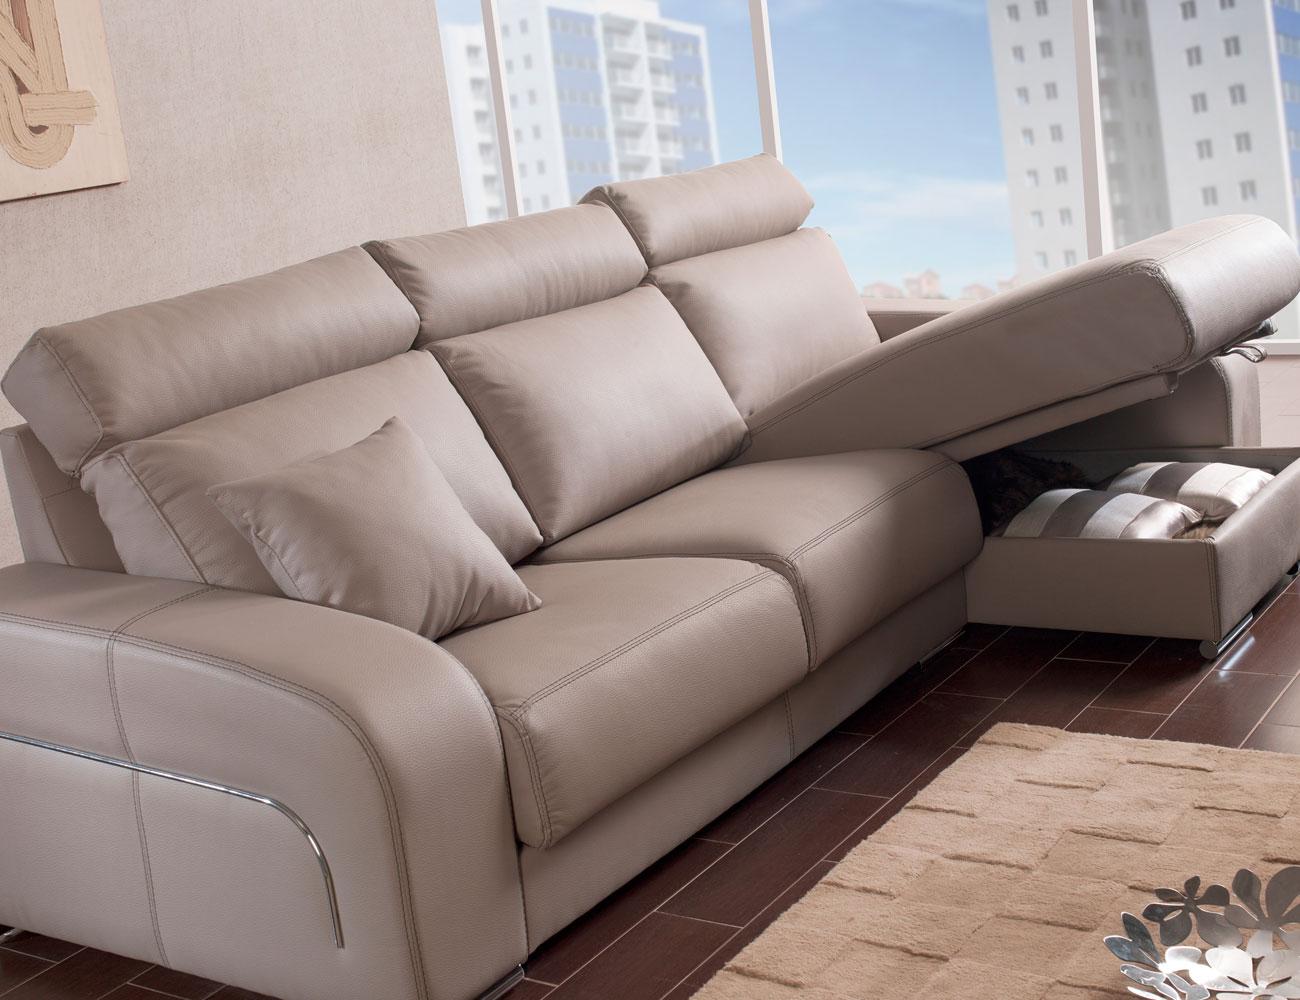 Sofa chaiselongue moderno pared cero arcon8